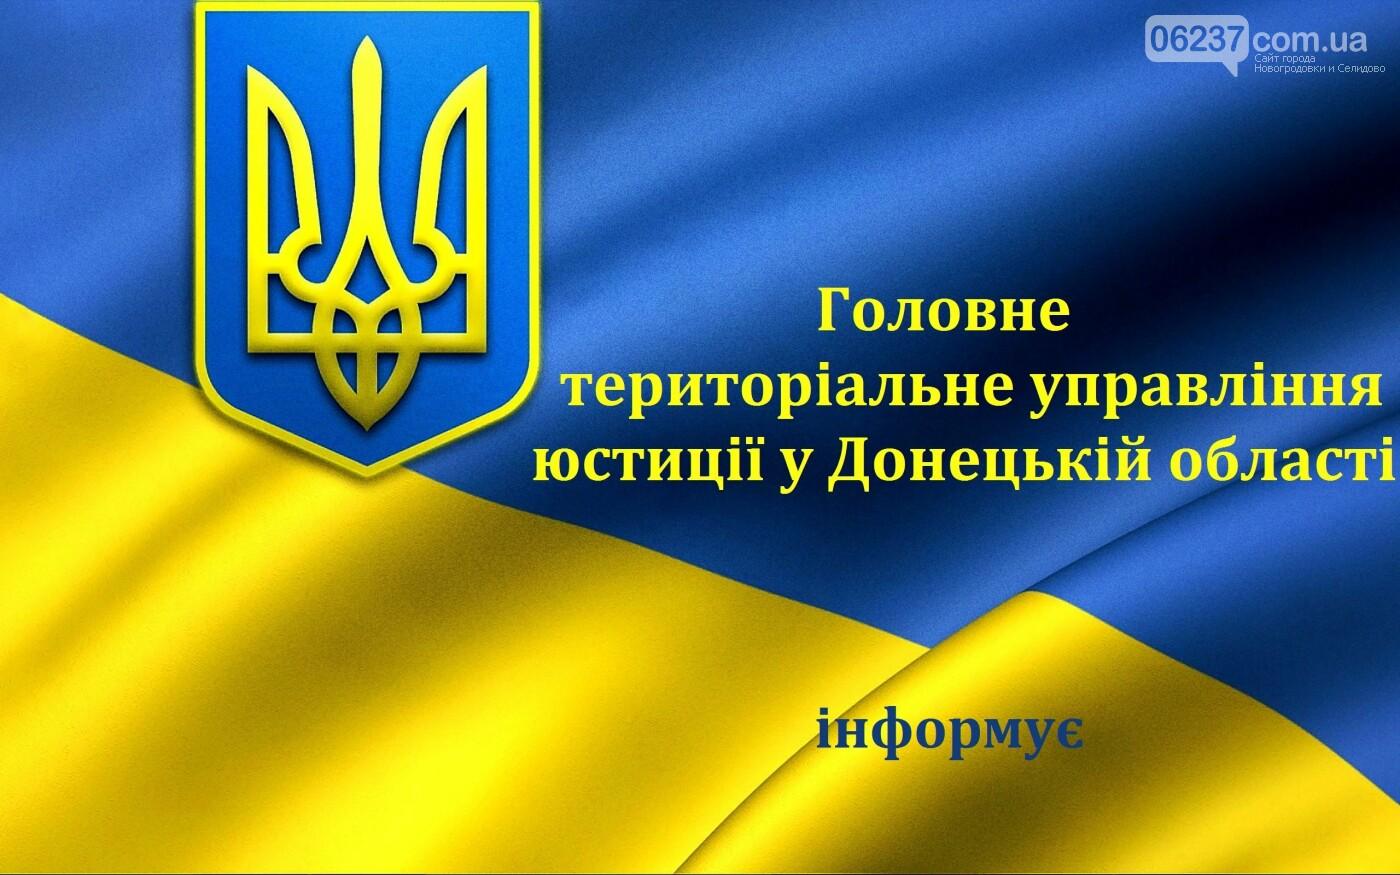 Безоплатна правова допомога в Україні, фото-1